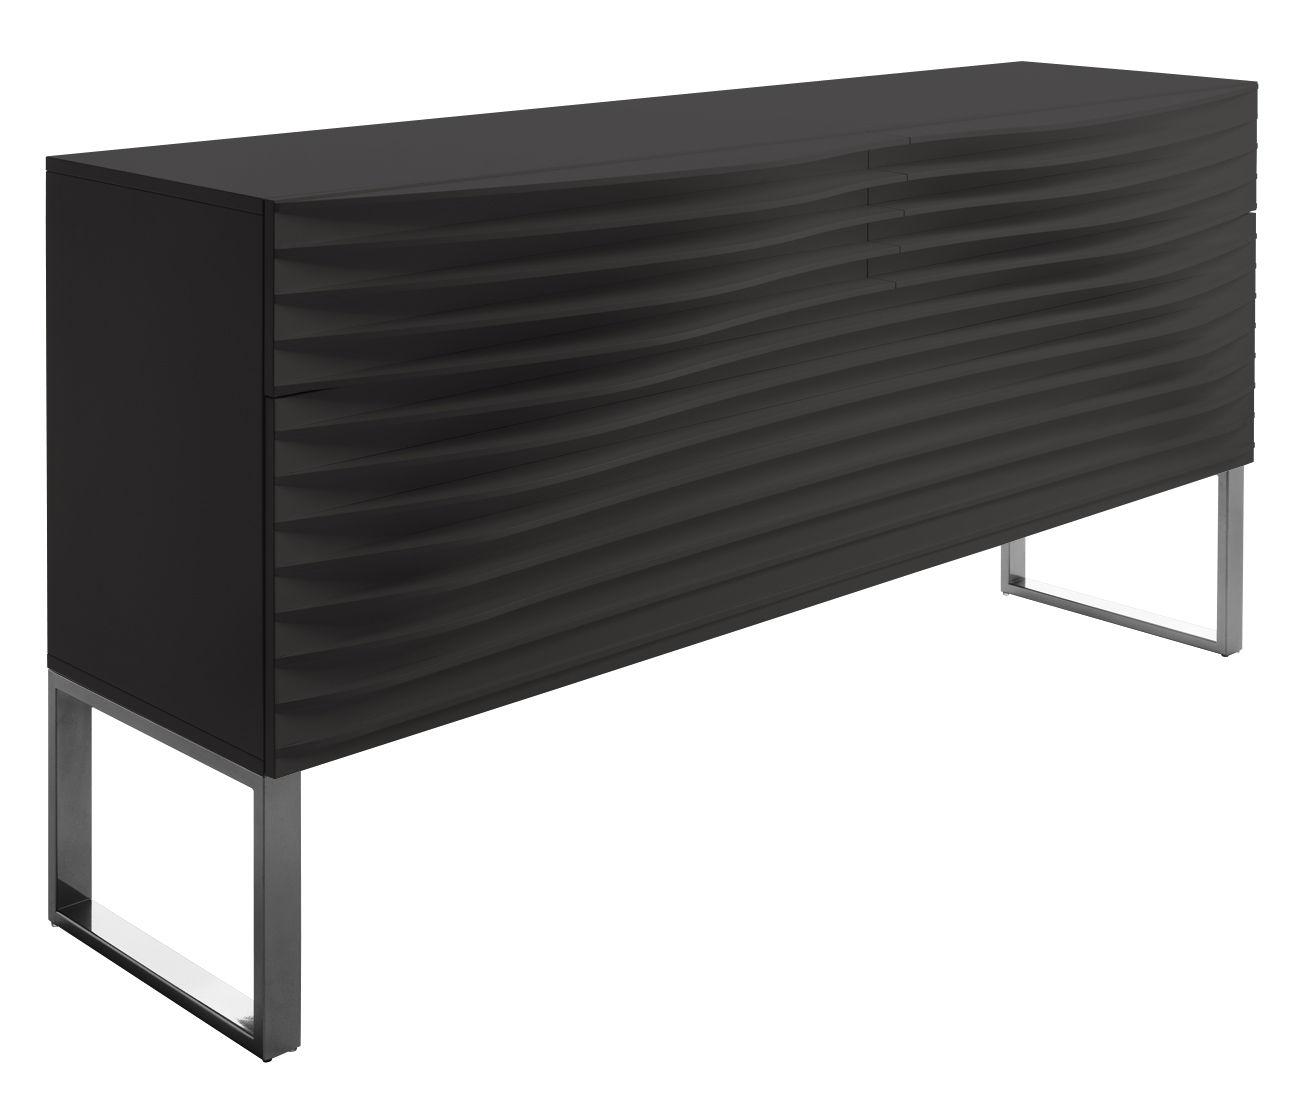 Furniture - Dressers & Storage Units - Tide Dresser - 2 drawers by Horm - Black - Lacquered wood, Varnished metal